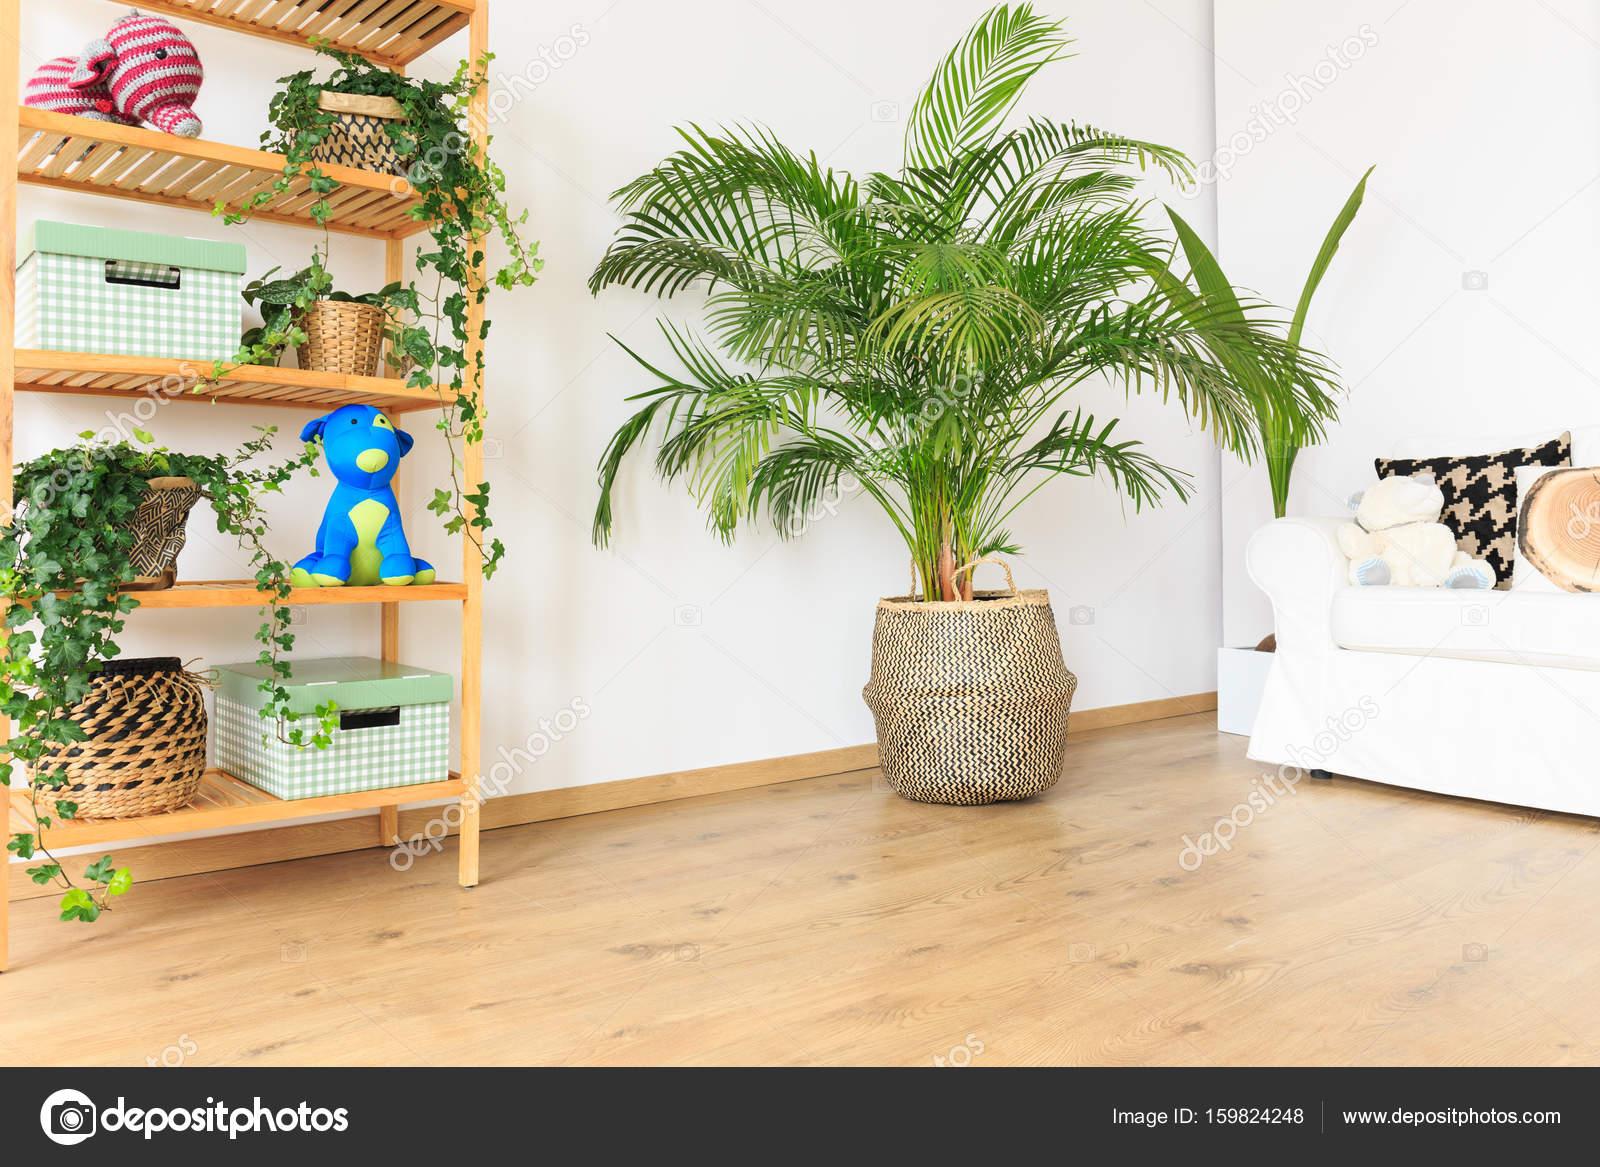 Planten In Woonkamer : Woonkamer met planten u stockfoto photographee eu